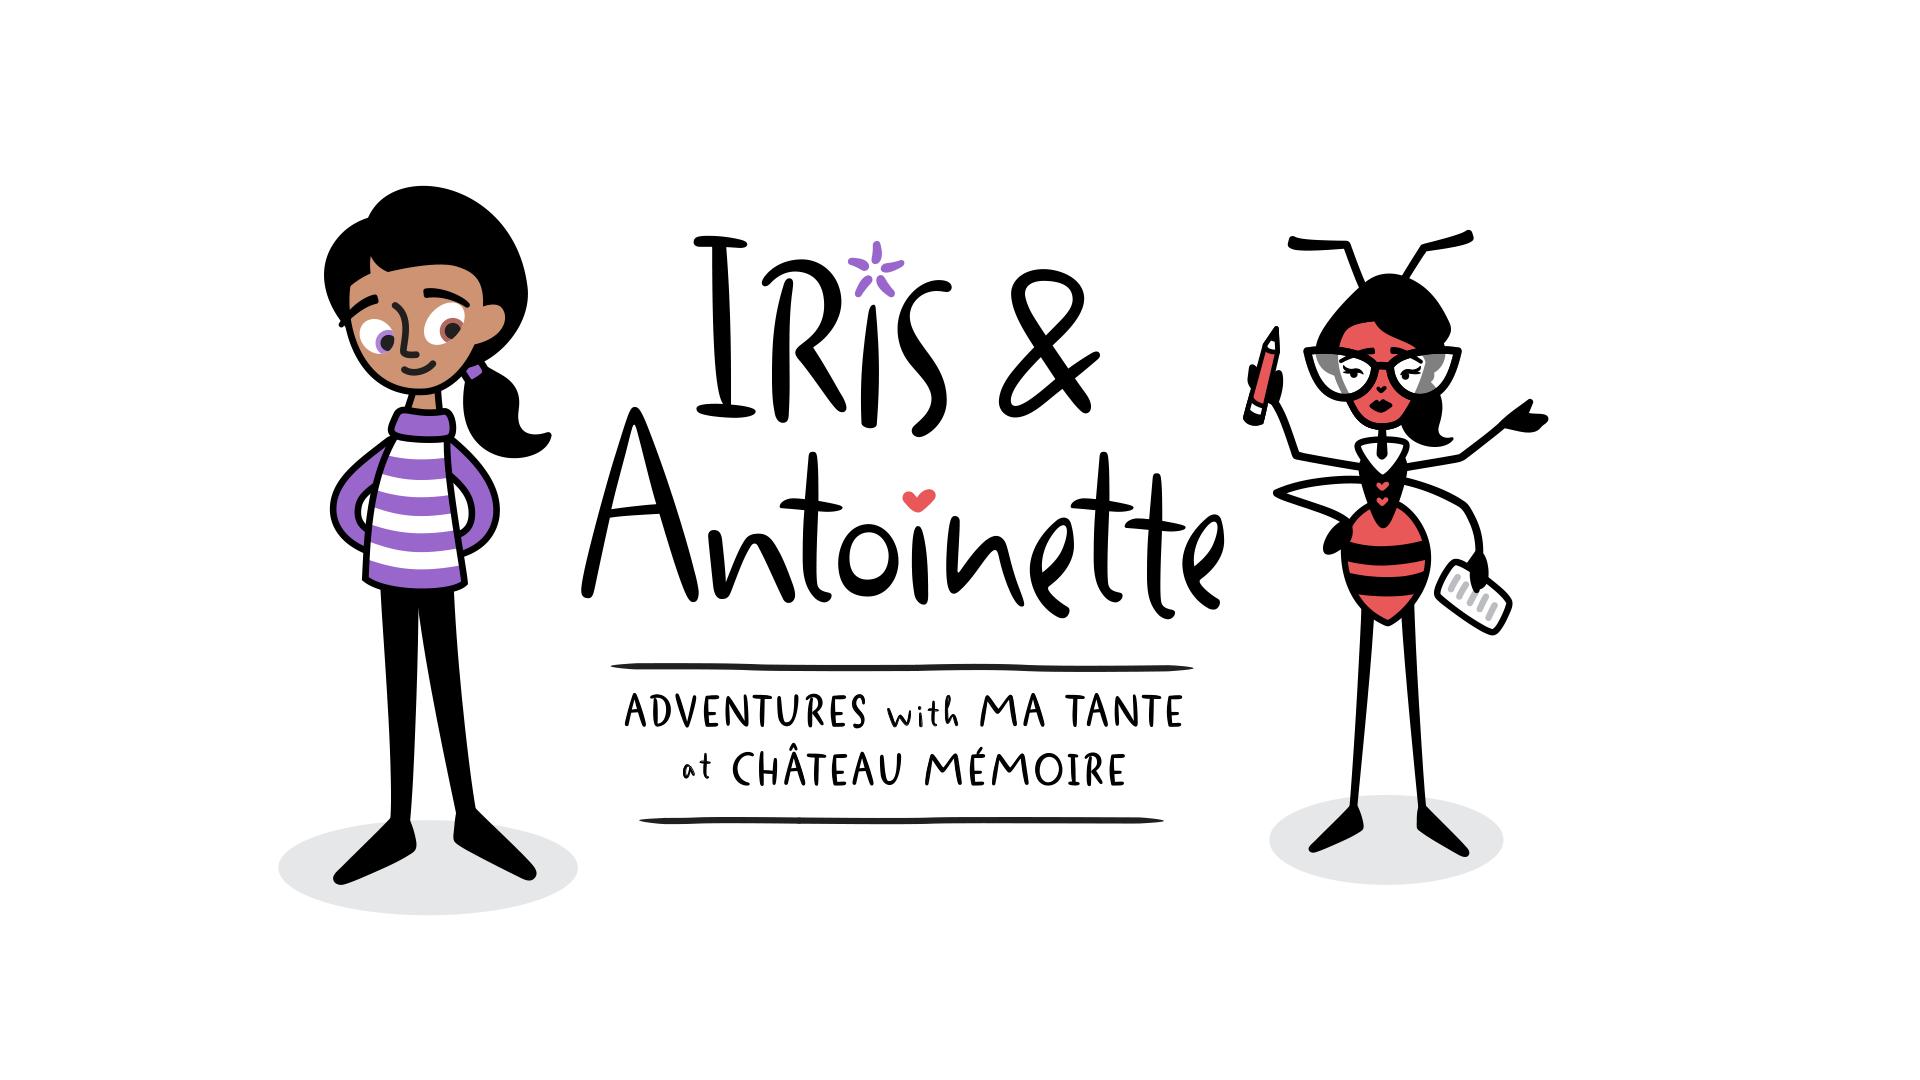 Iris_&_Antoinette